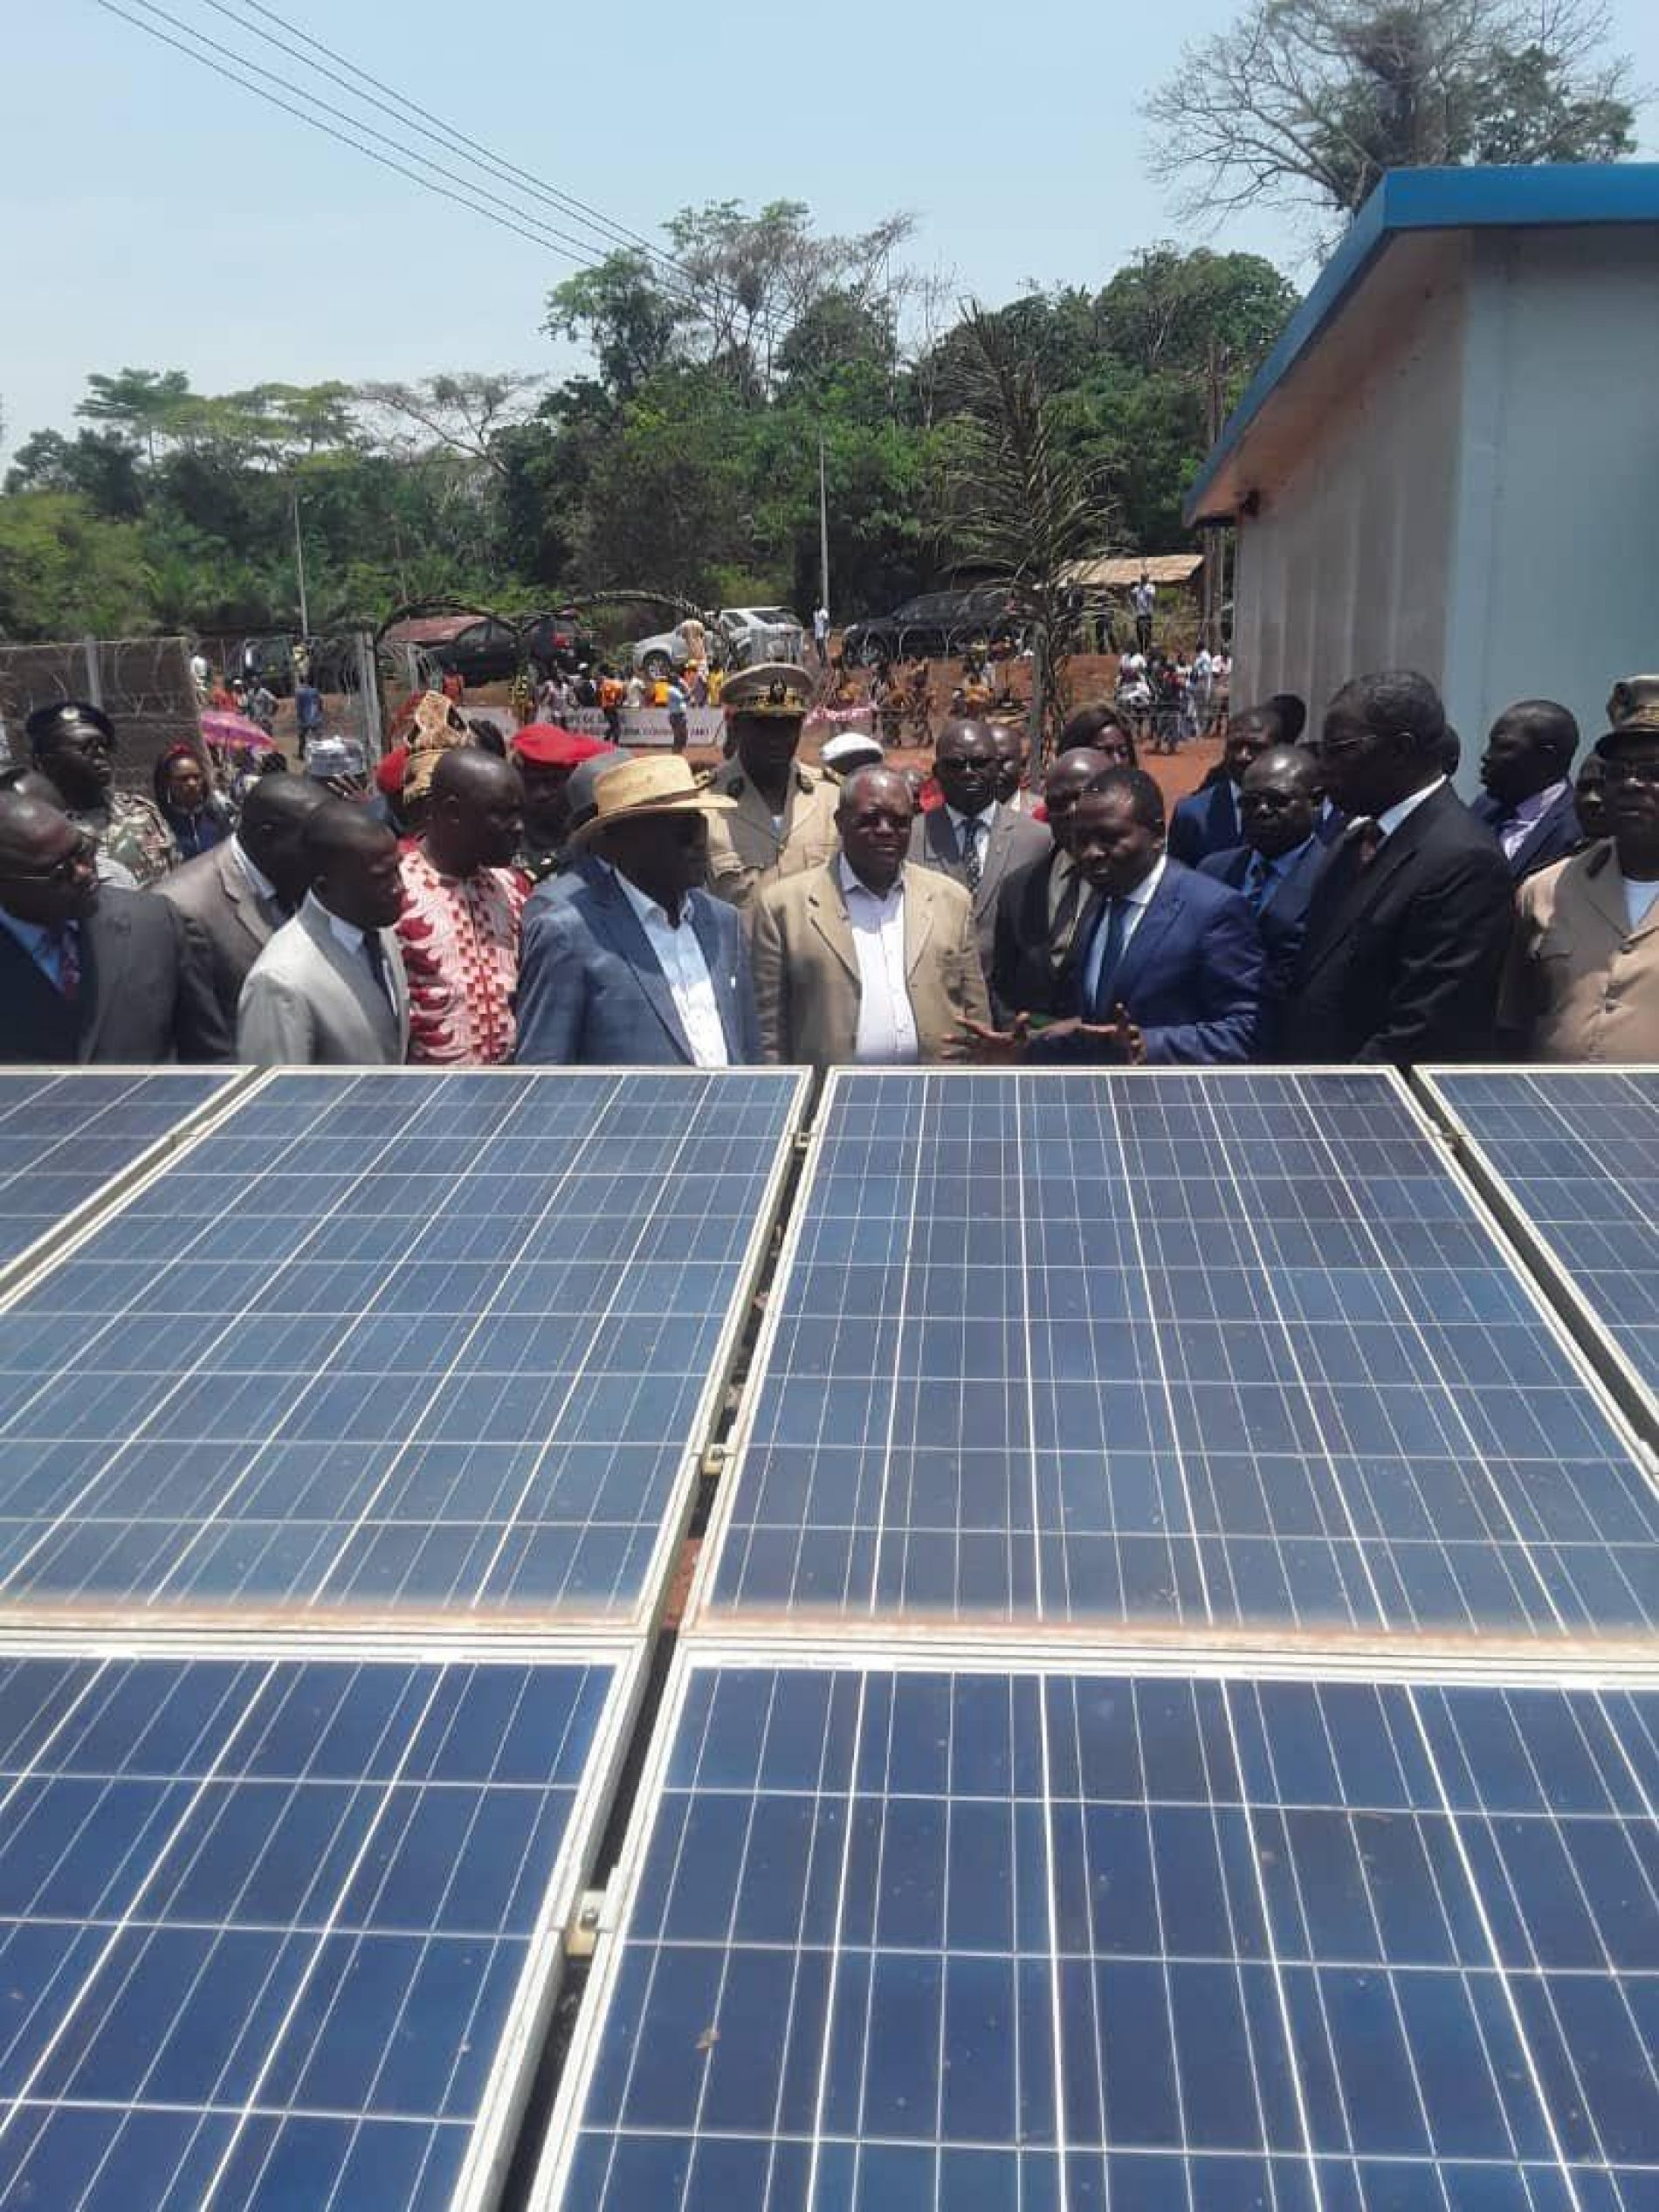 Région de l'Est : Doumaintang désormais connectée à l'énergie solaire photovoltaïque